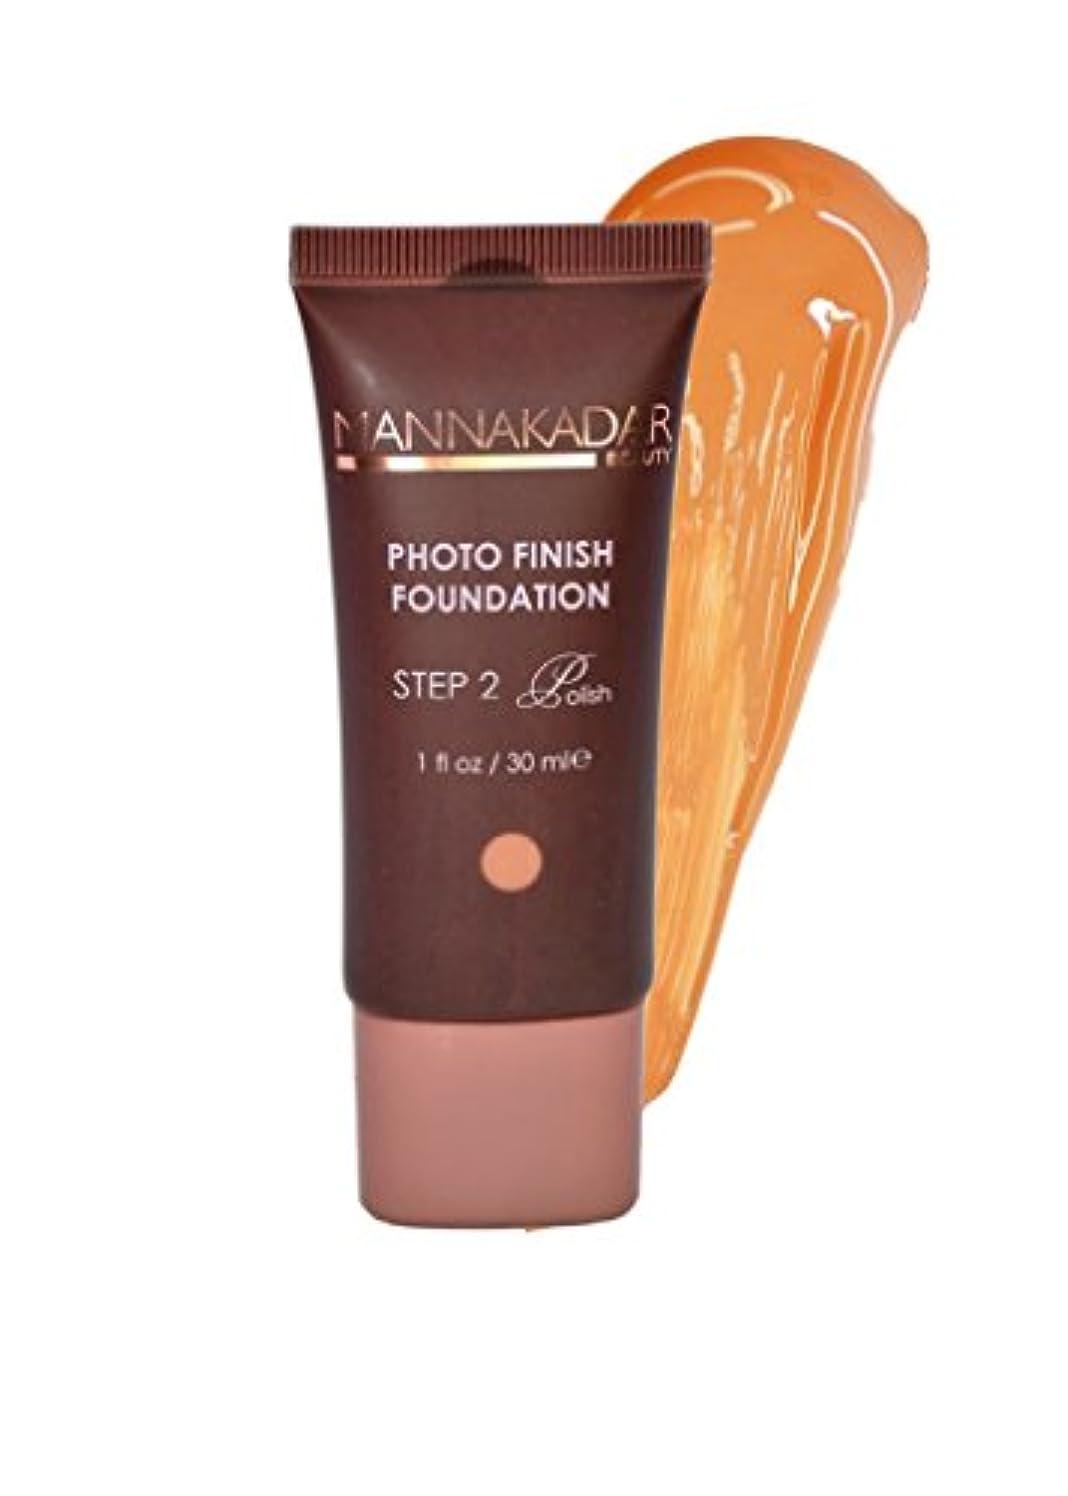 立場の面ではアクセントManna Kadar Cosmetics フォトフィニッシュ財団C6 - 完璧なタン